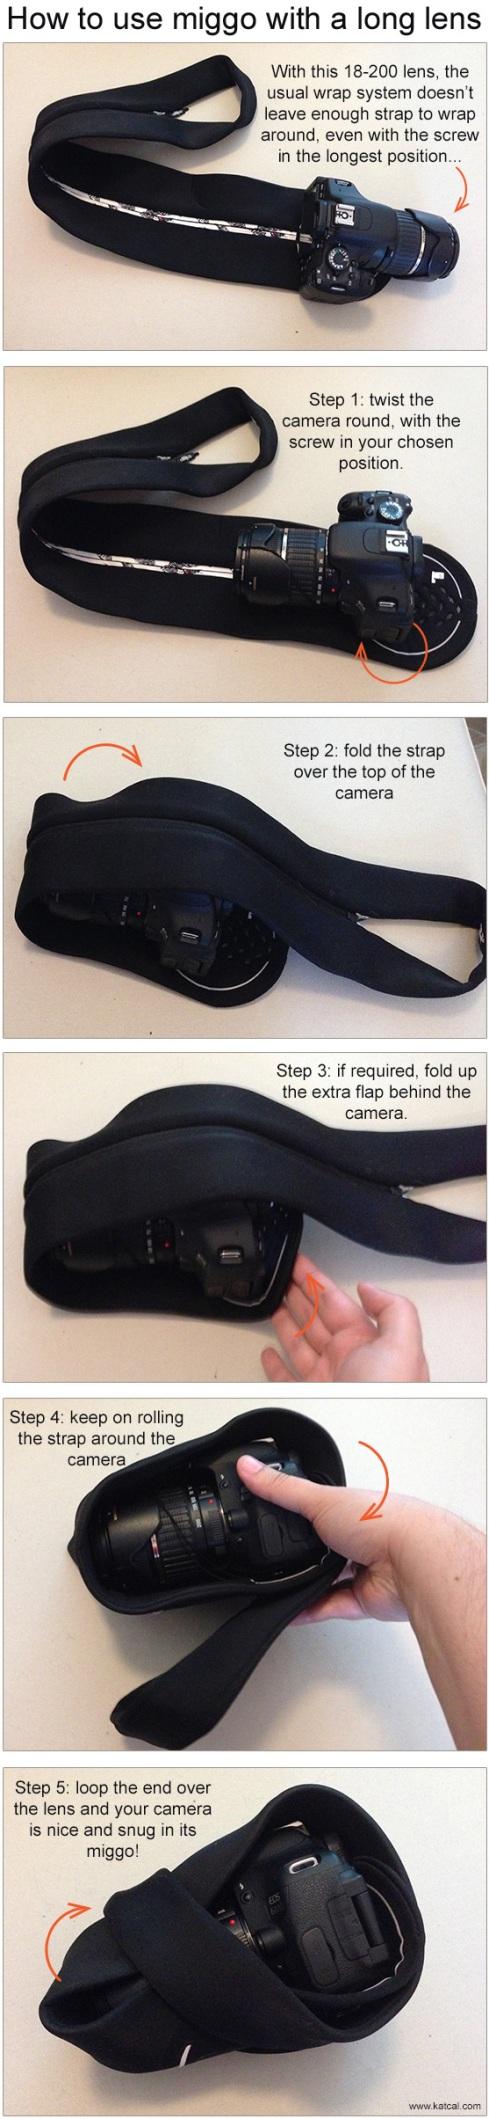 miggo-long-lens